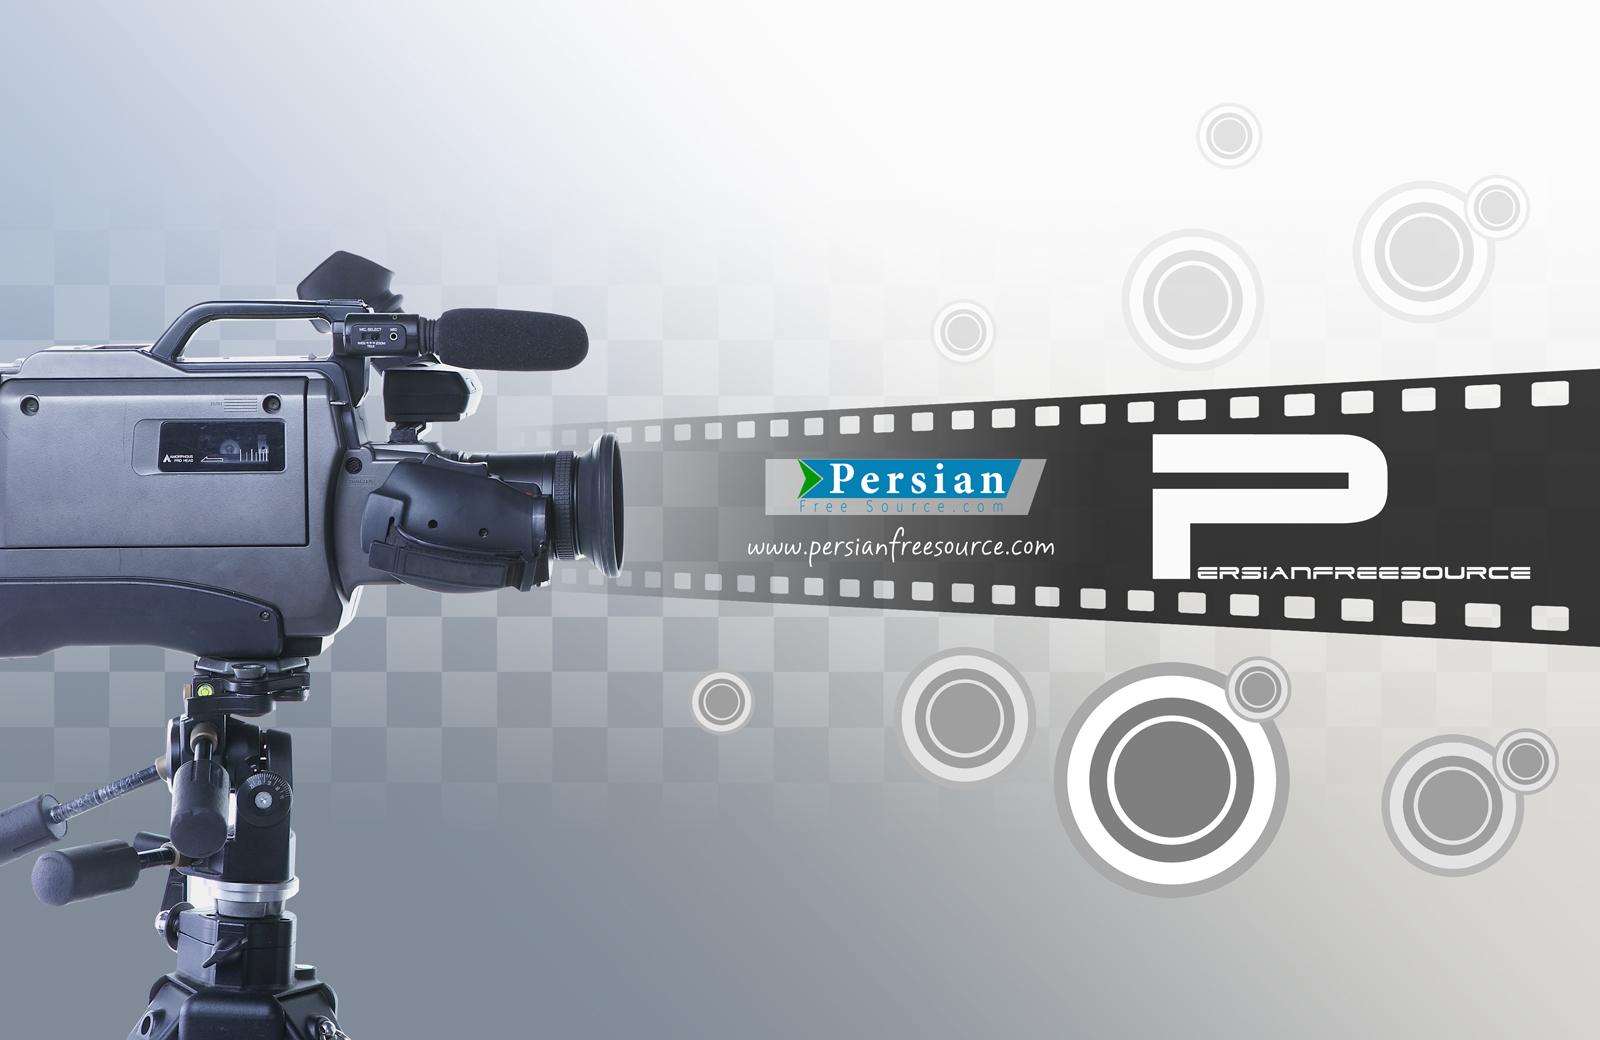 دانلود فایل لایه باز دوربین فیلم برداری